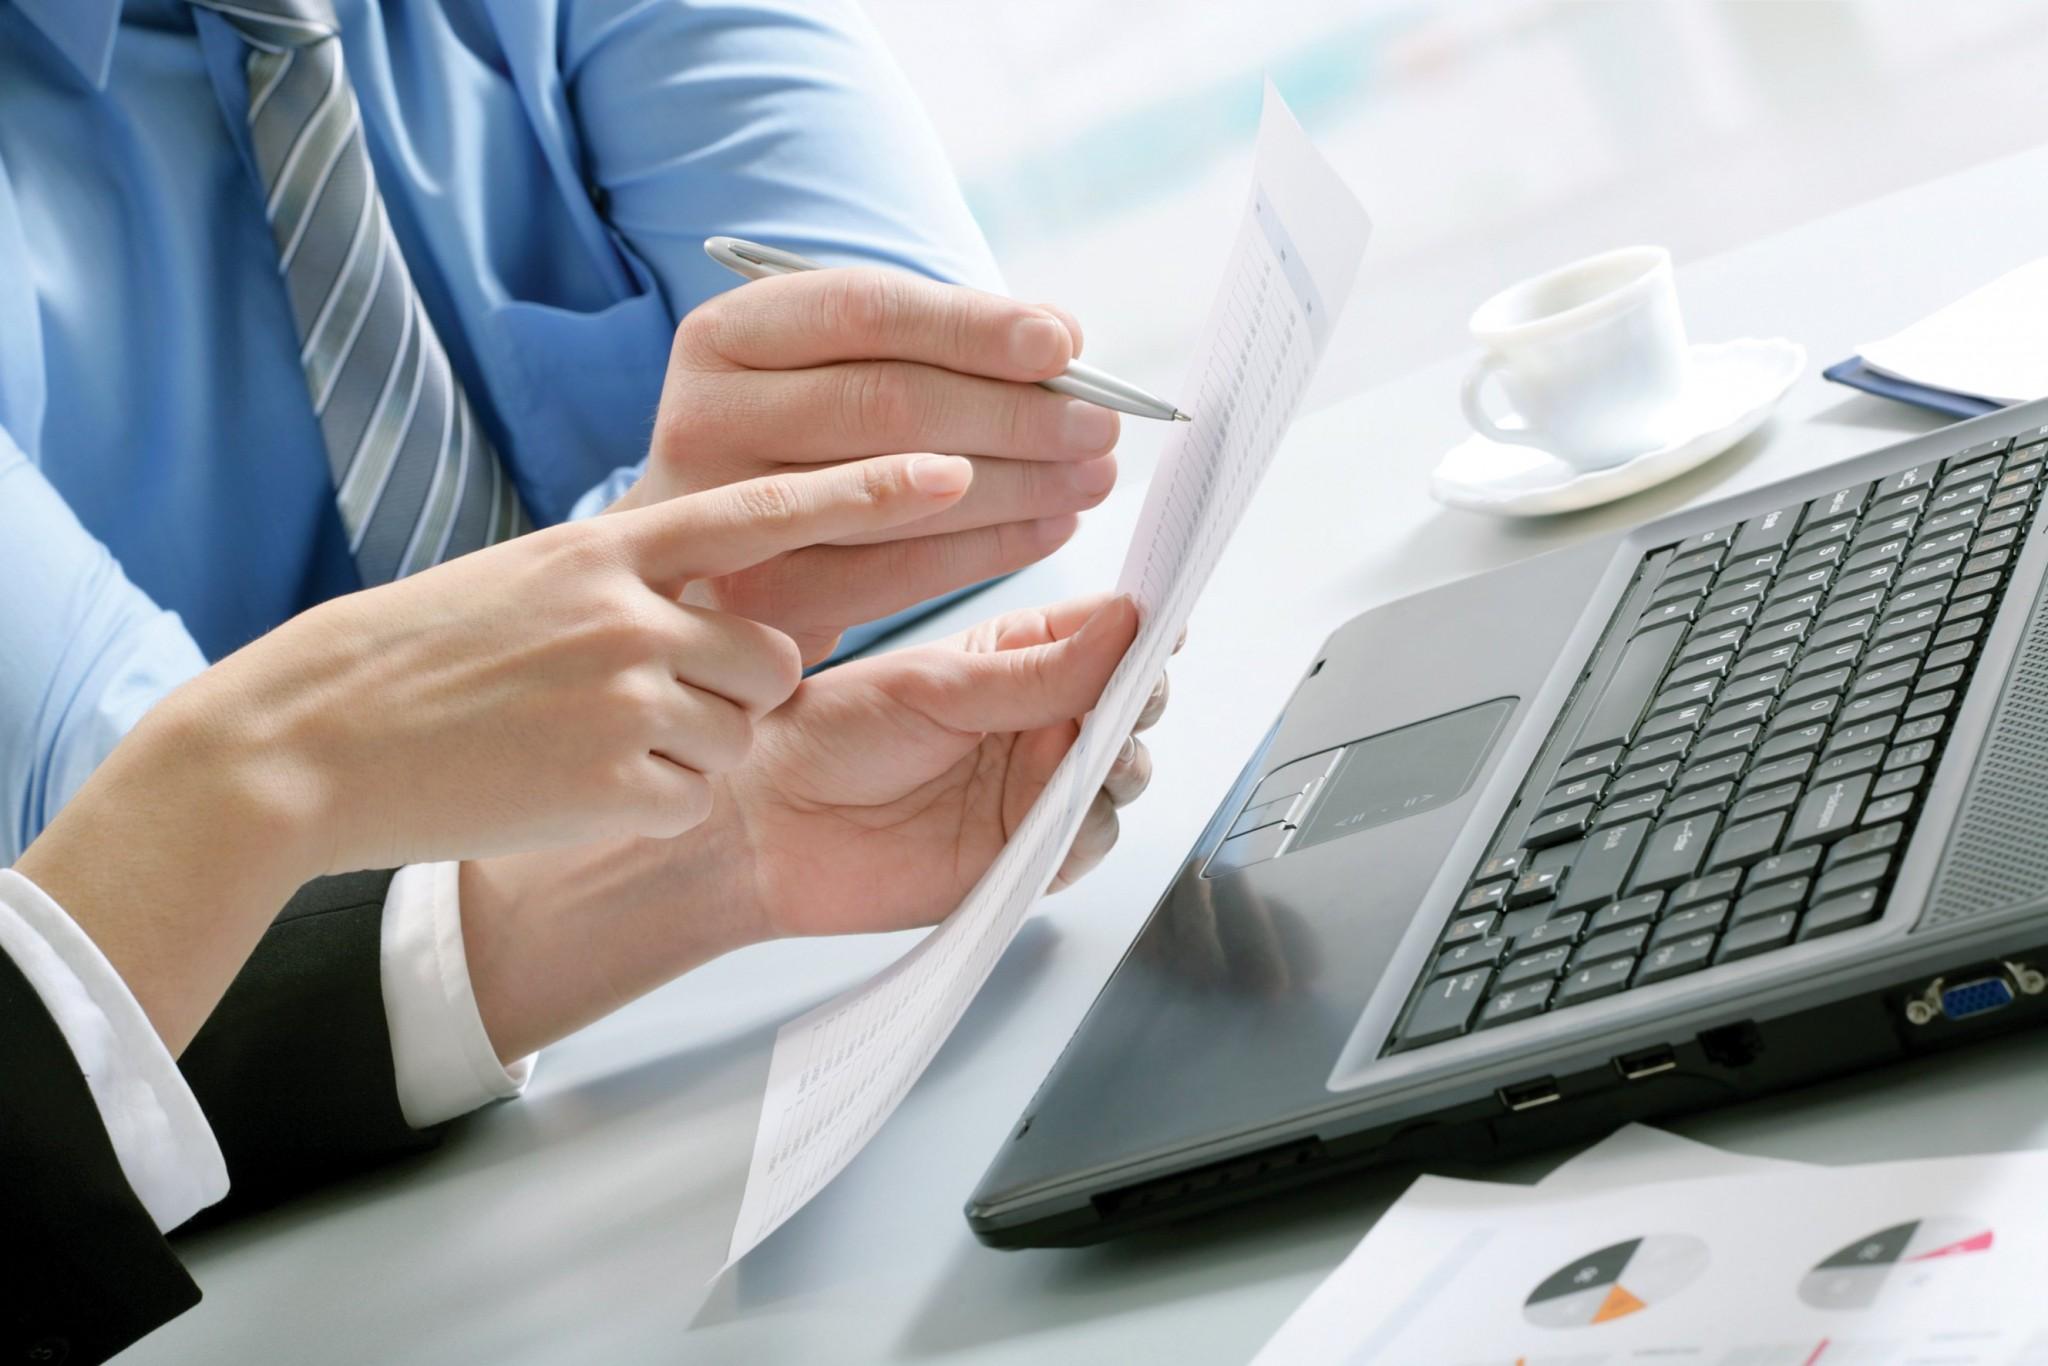 Tư vấn các thủ tục để được cấp Giấy chứng nhận đăng ký đầu tư ra nước ngoài